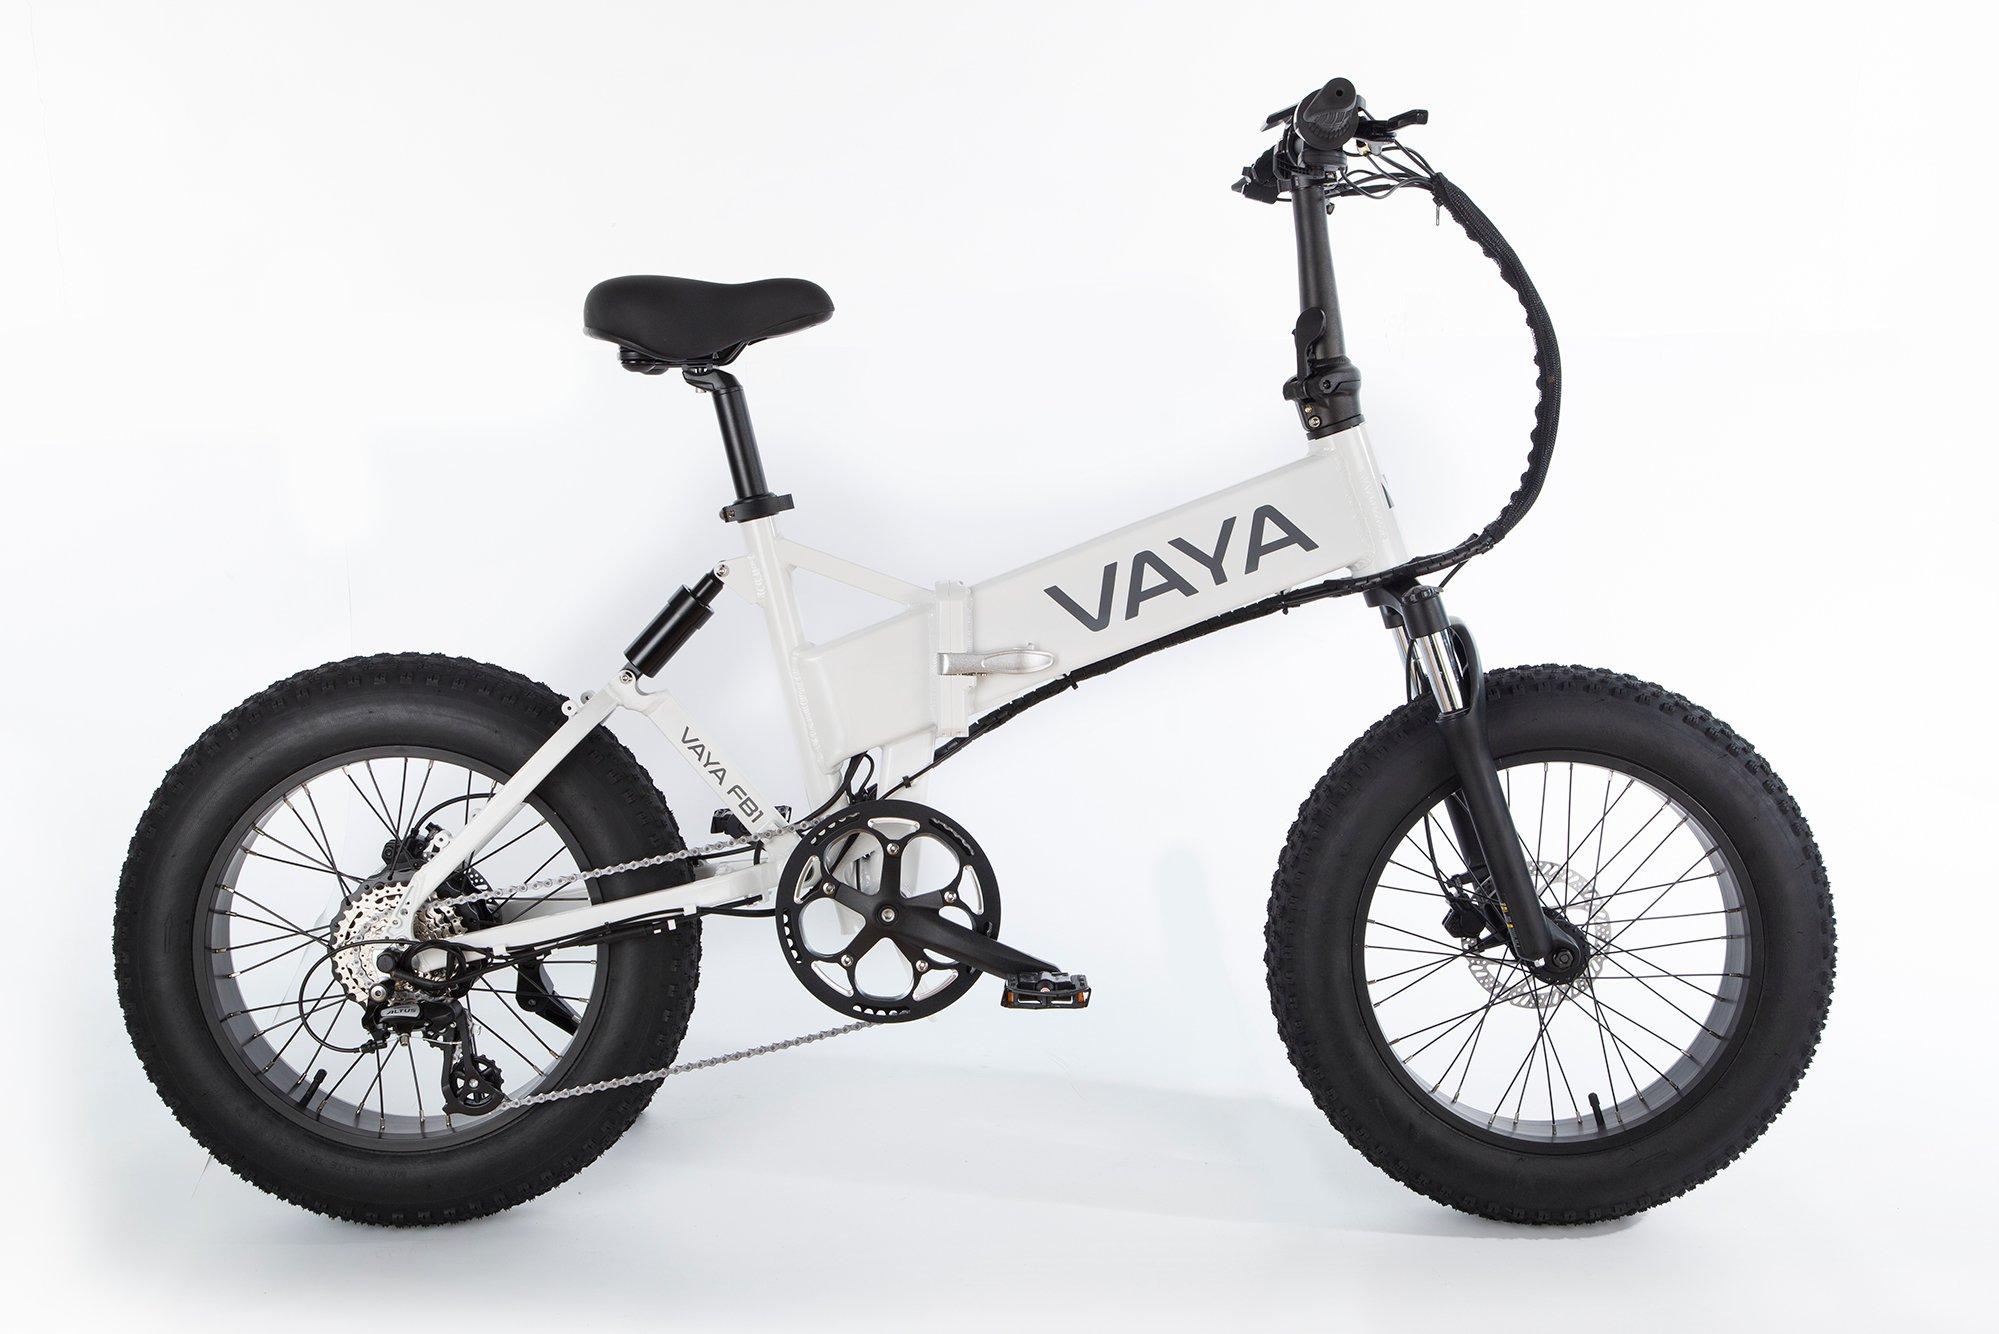 Vaya - Fatbike FB-1 E-Bike - Electric Bike - White (1647WH)